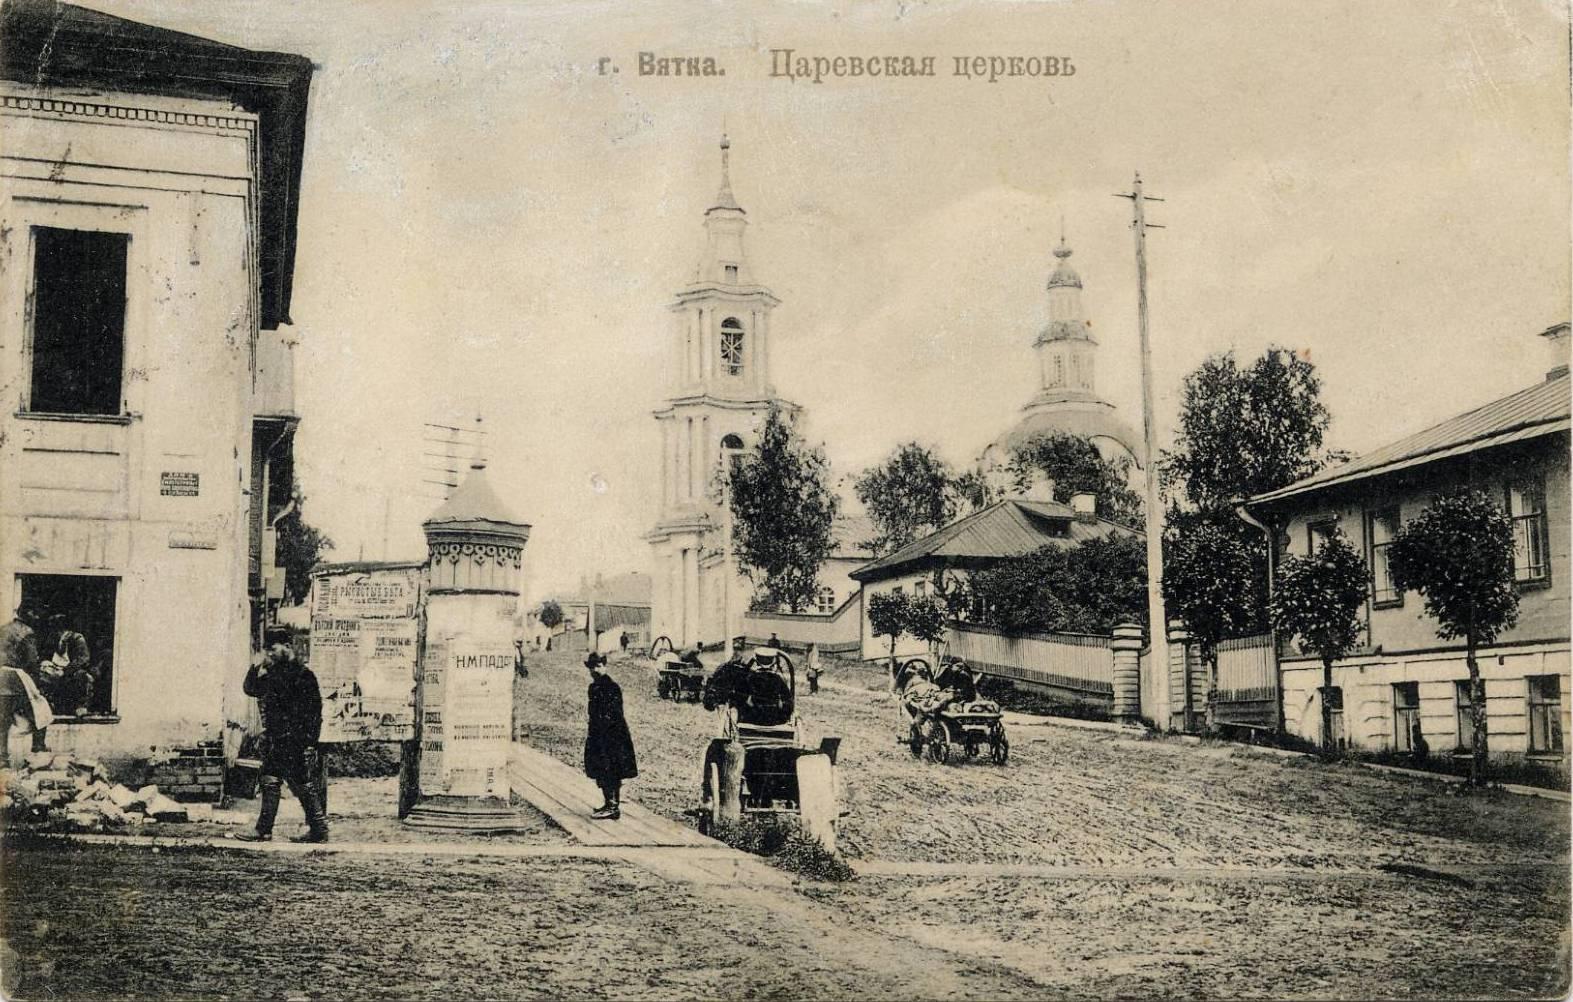 Царевская церковь